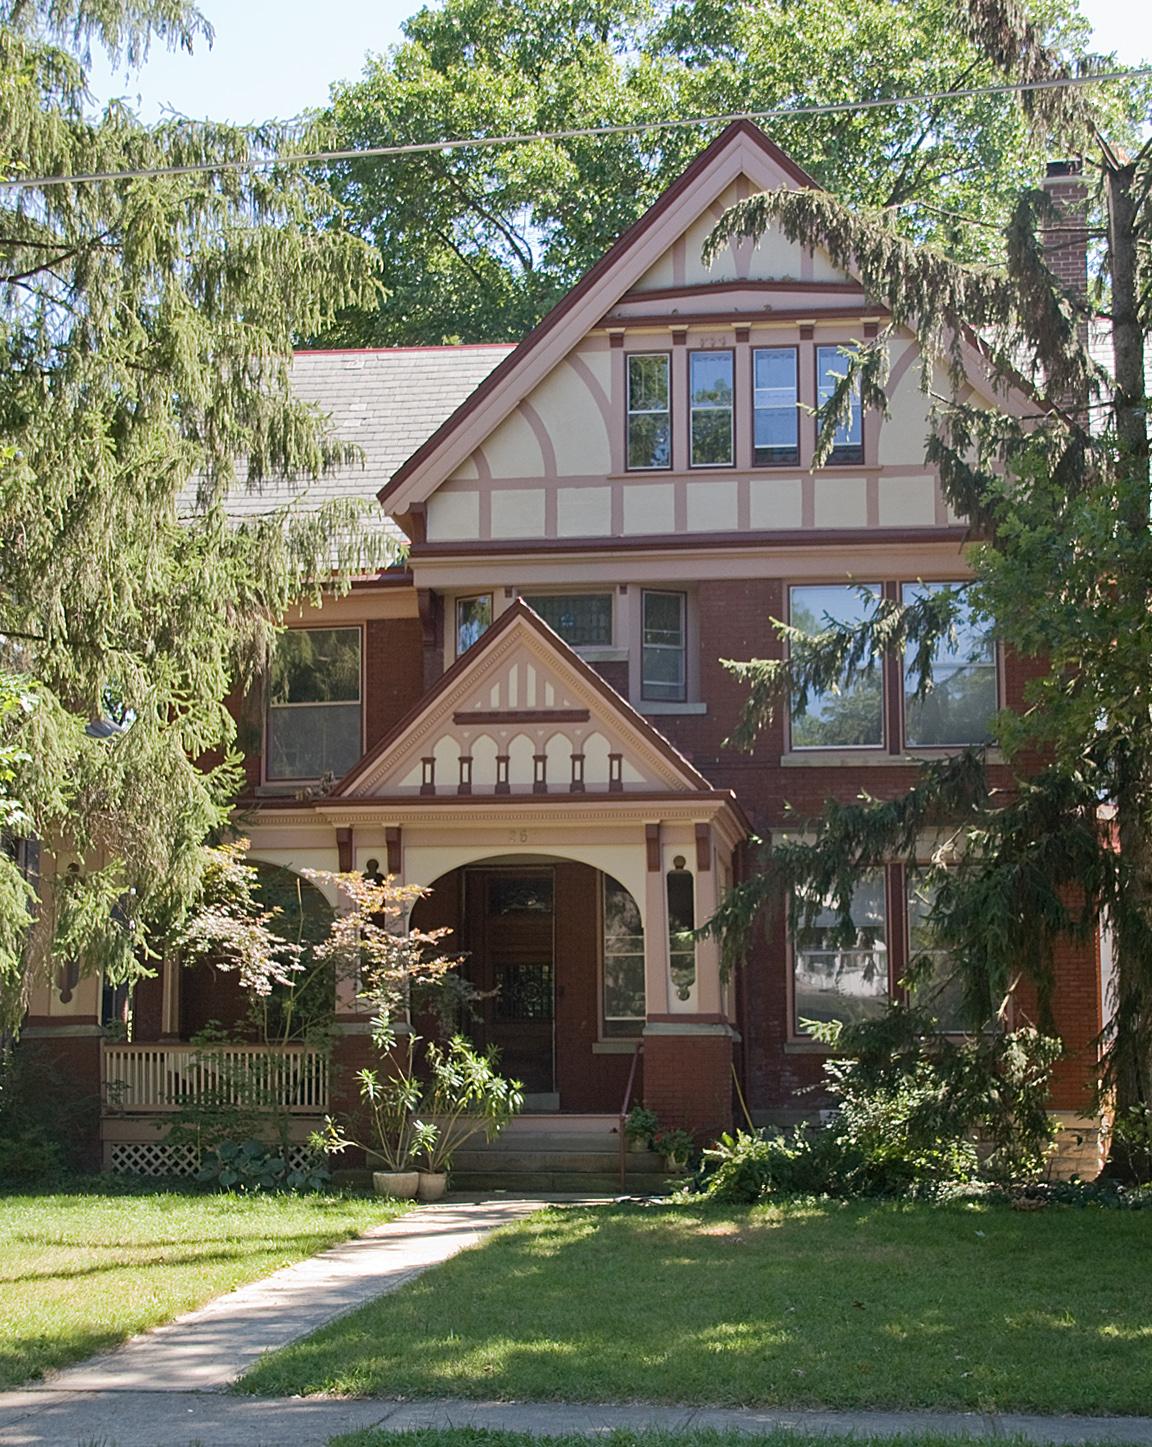 Balch house cincinnati ohio wikipedia for Building a home in ohio